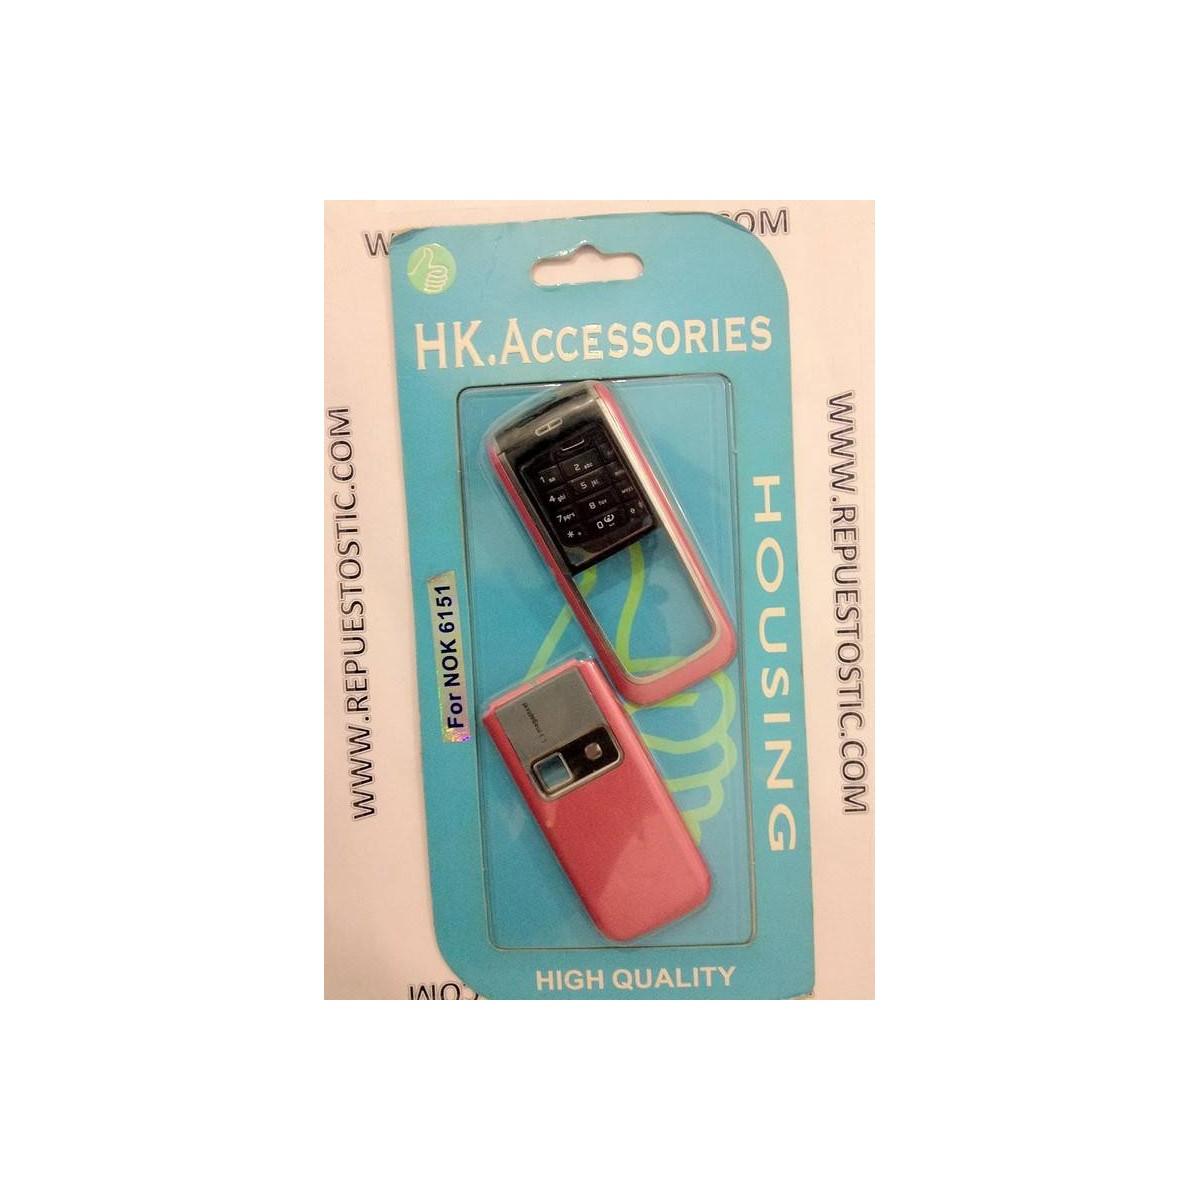 Carcasa Nokia 6151 Rosa